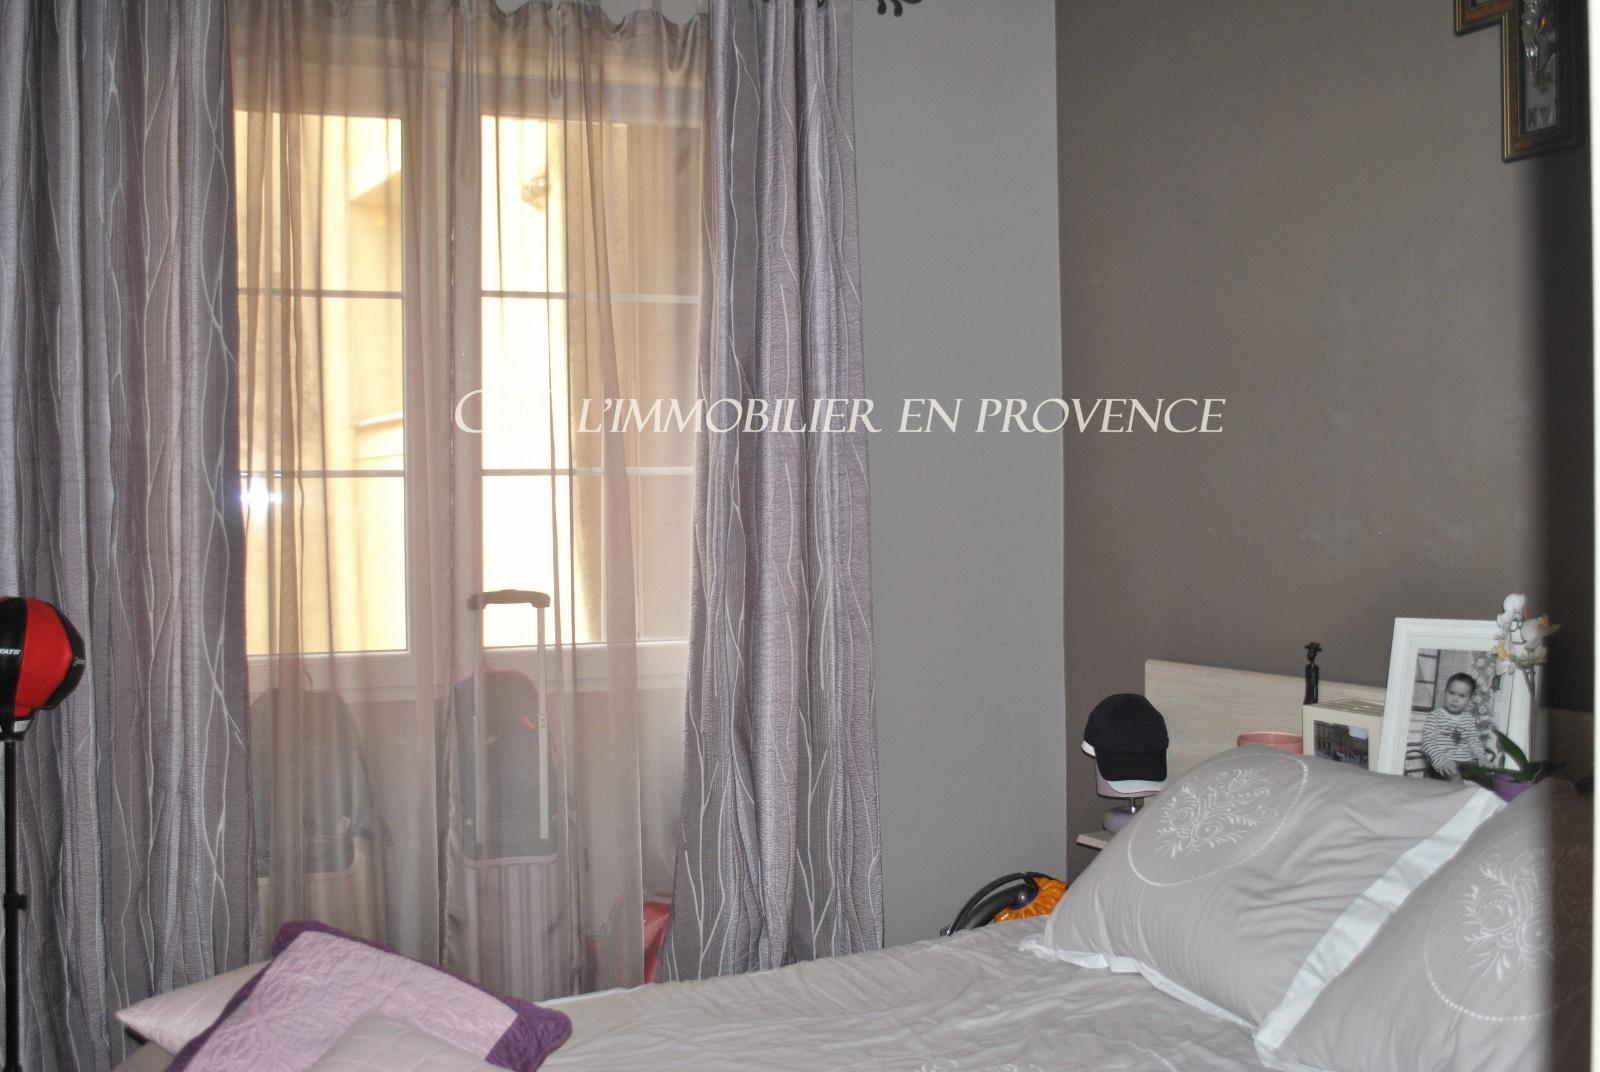 0 www.cti-provence.net, vente maison de village entièrement restaurée, 2 terrasses, ga